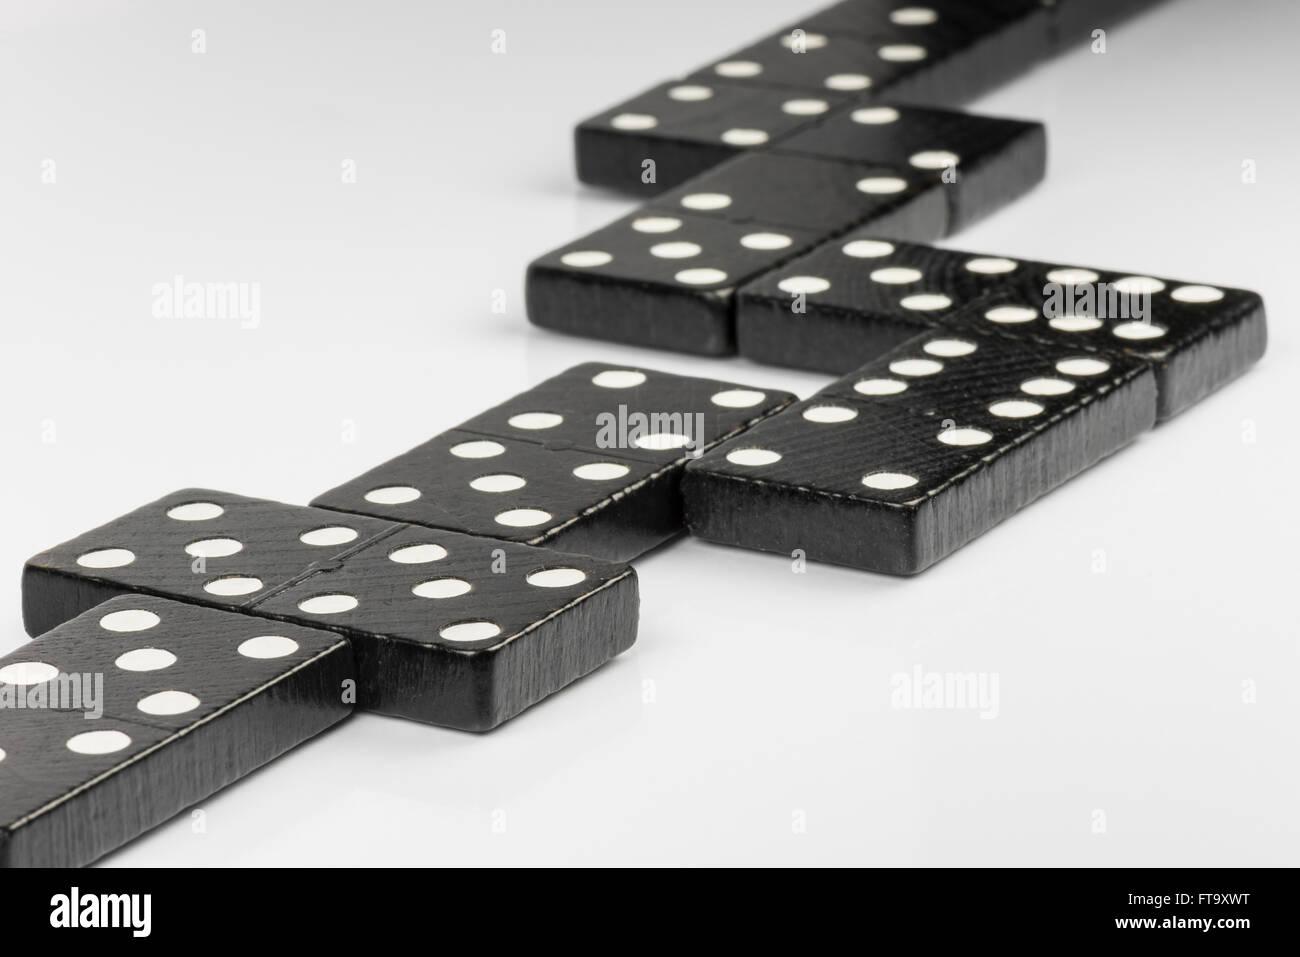 Composizione di mentire domino nero di mattoni con puntini bianchi Immagini Stock